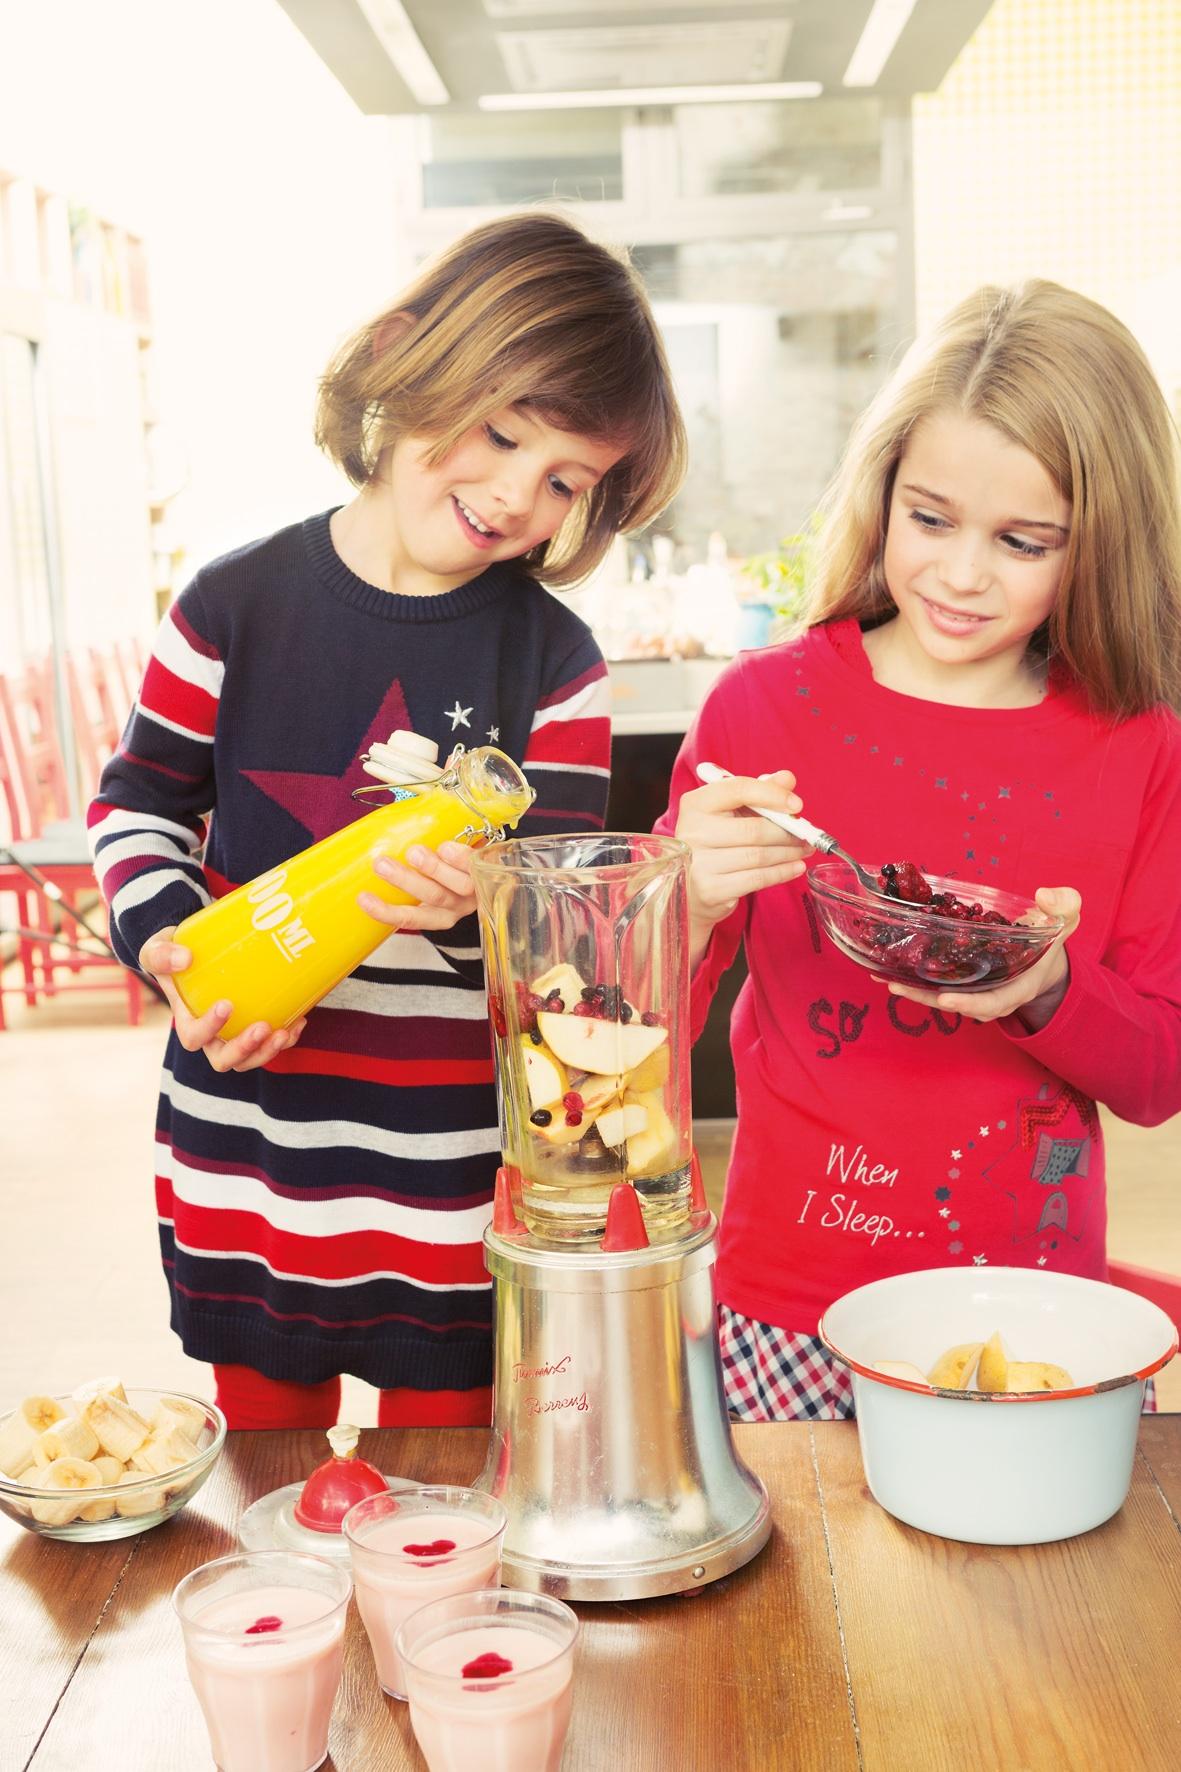 Bóboli anima a los niños/a meterse en la cocina